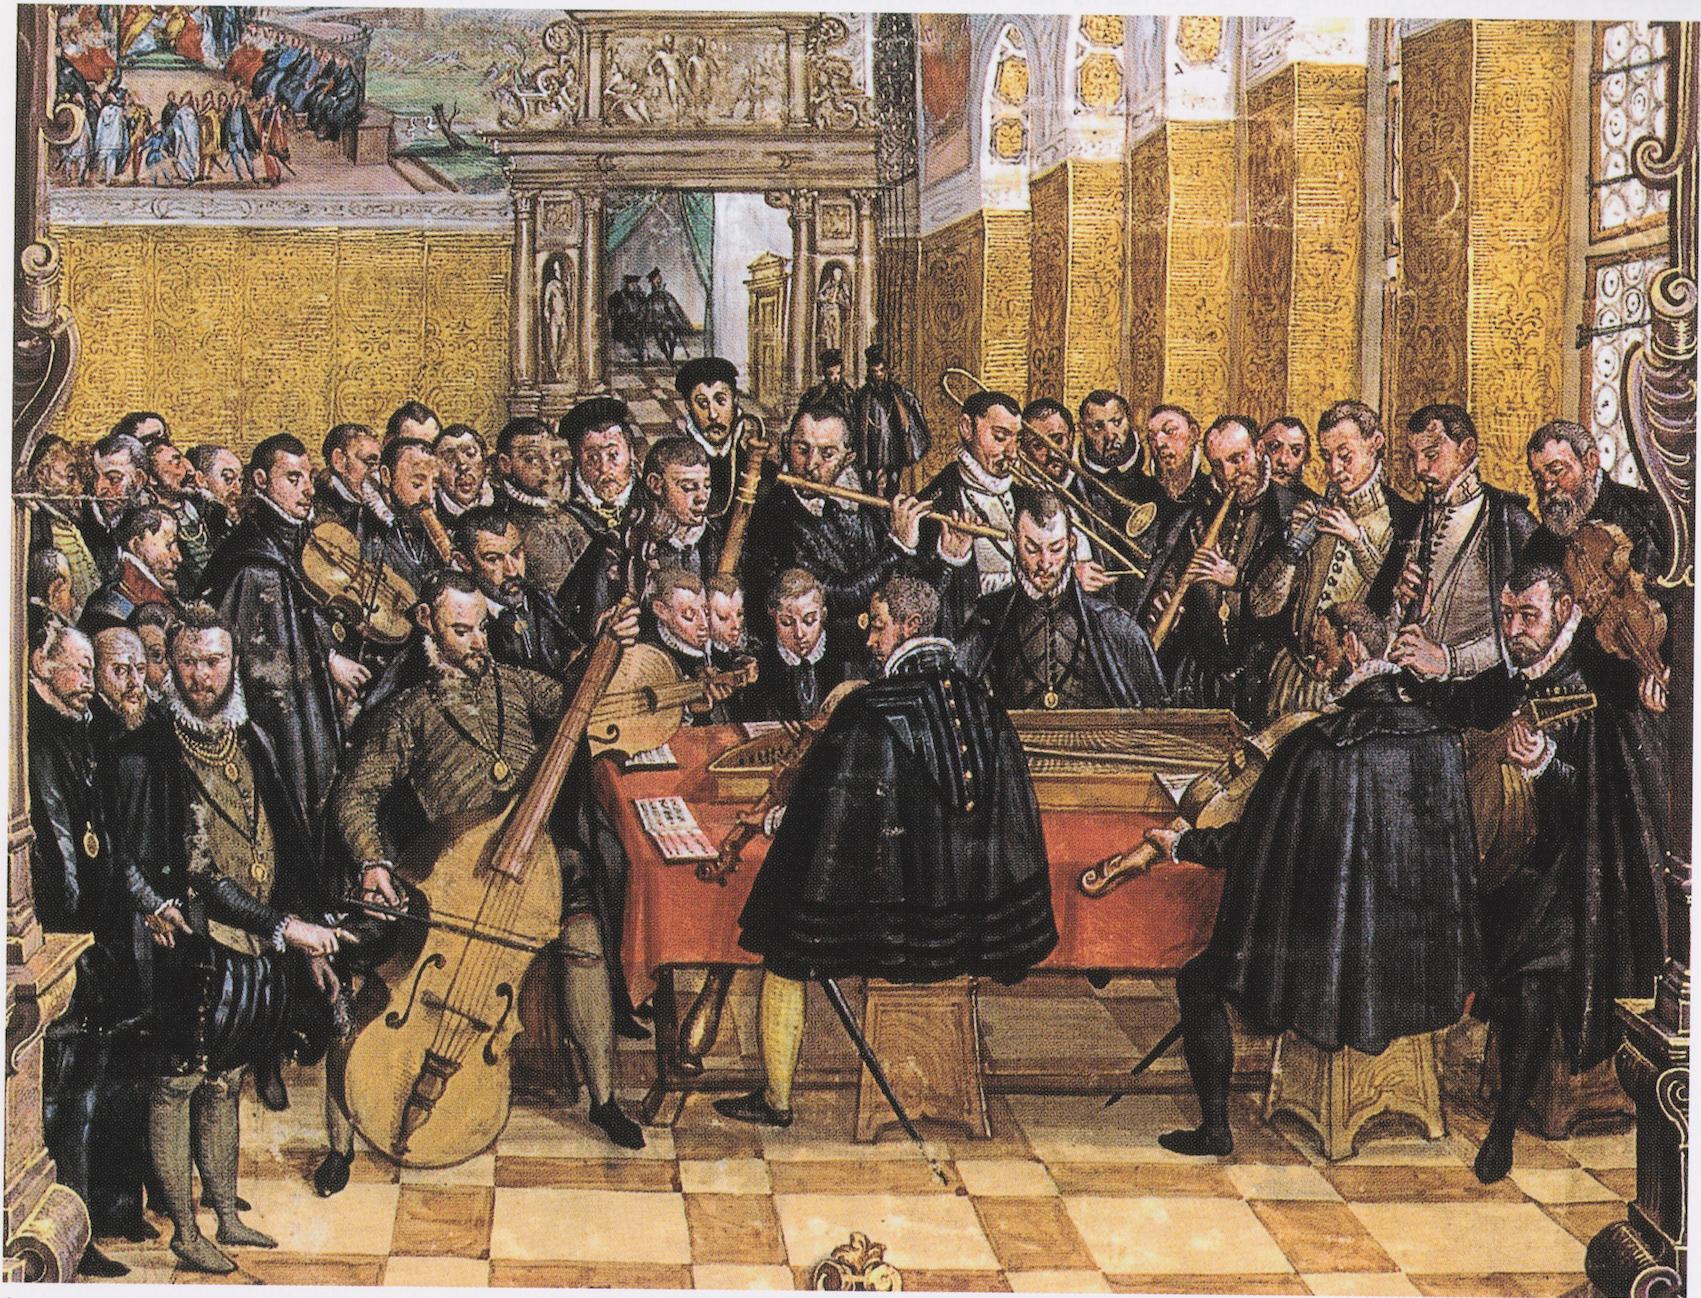 Osmanlı Musikisi Marşları Ve Müzikleri. Osmanlı Saray Klasik Batı Müziği. Tarihi Eski Sanatçı Ve Müzisyenleri Resimleri